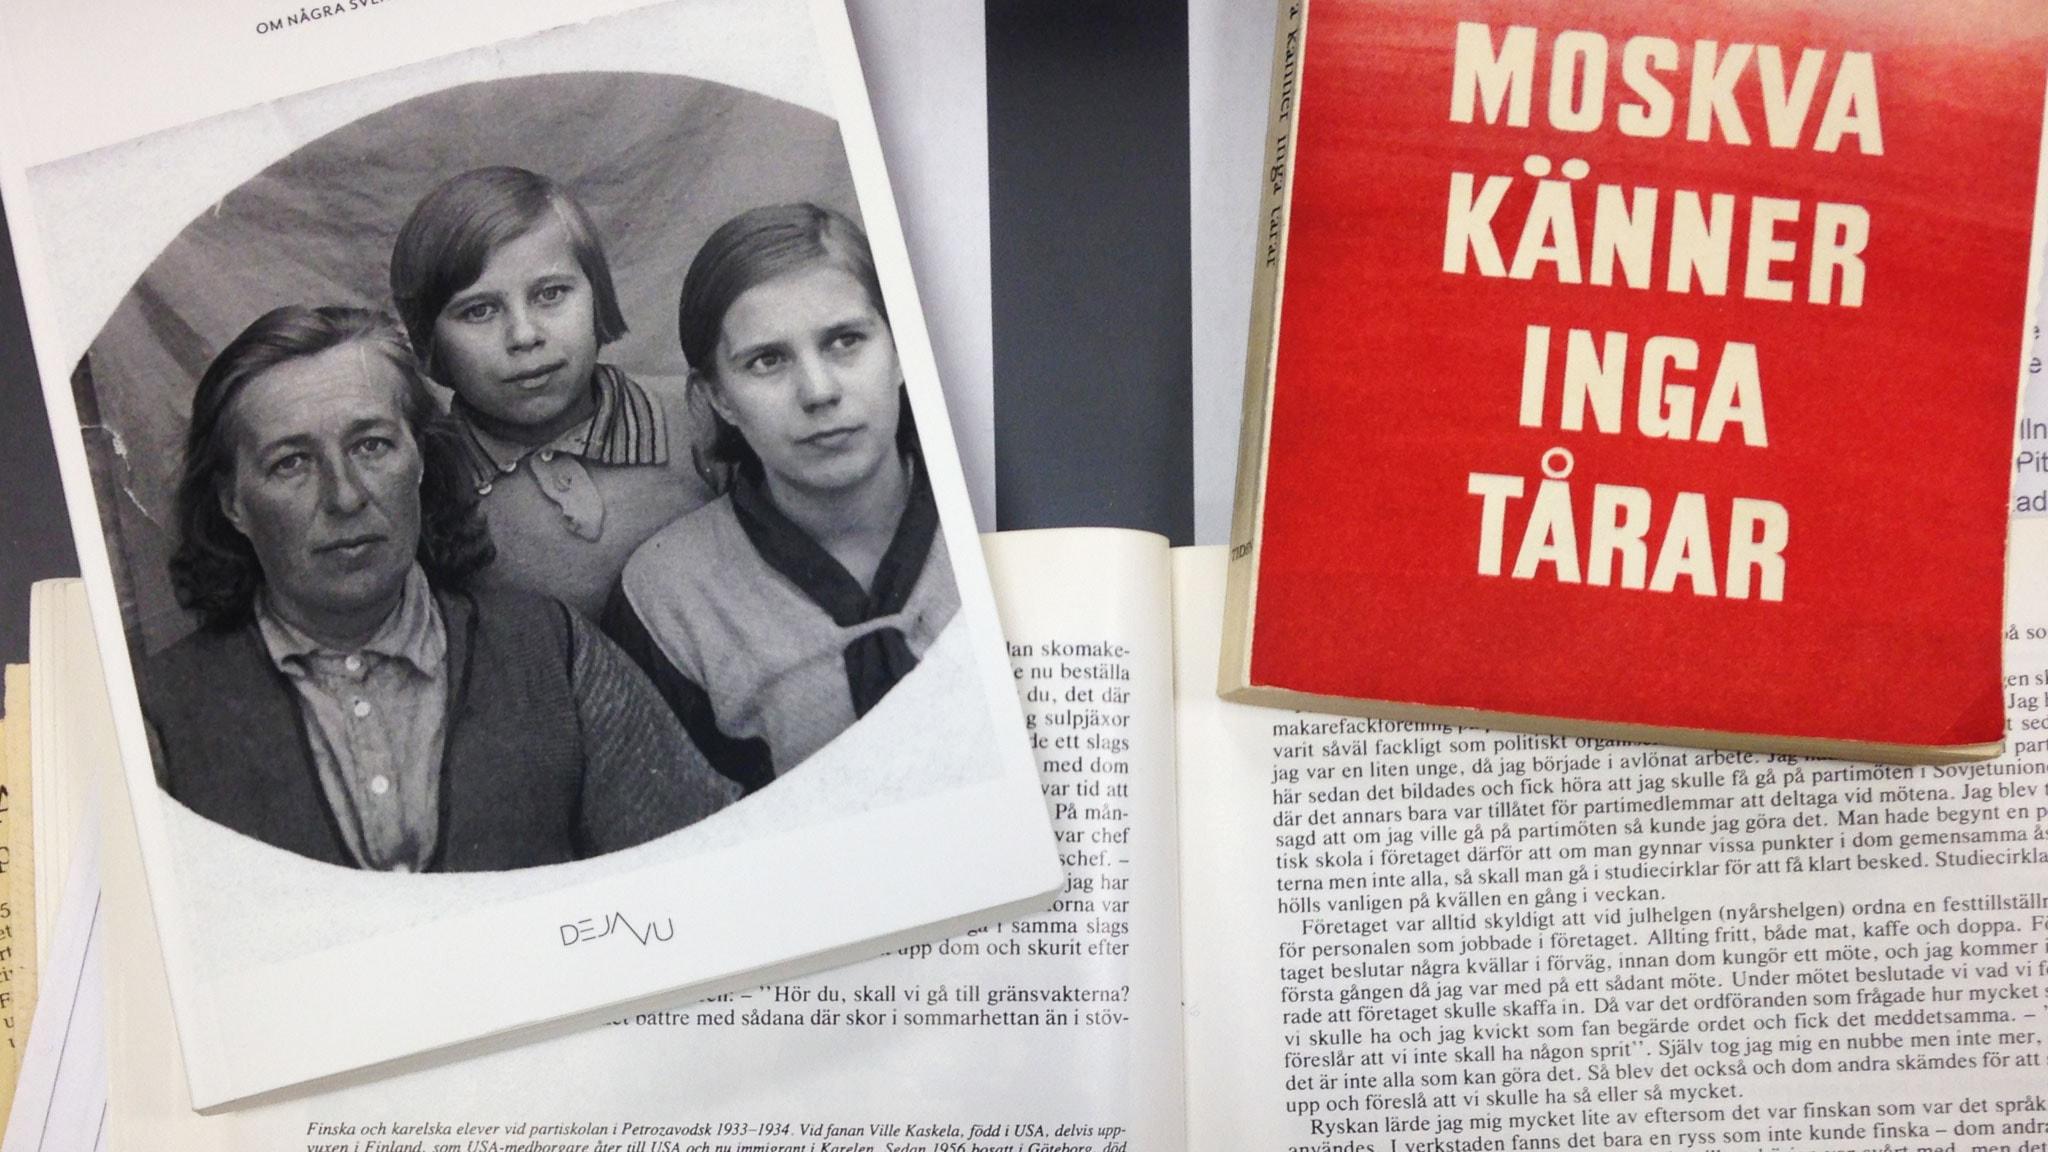 Kirunasvenskarna – drömmen om Stalins Sovjet